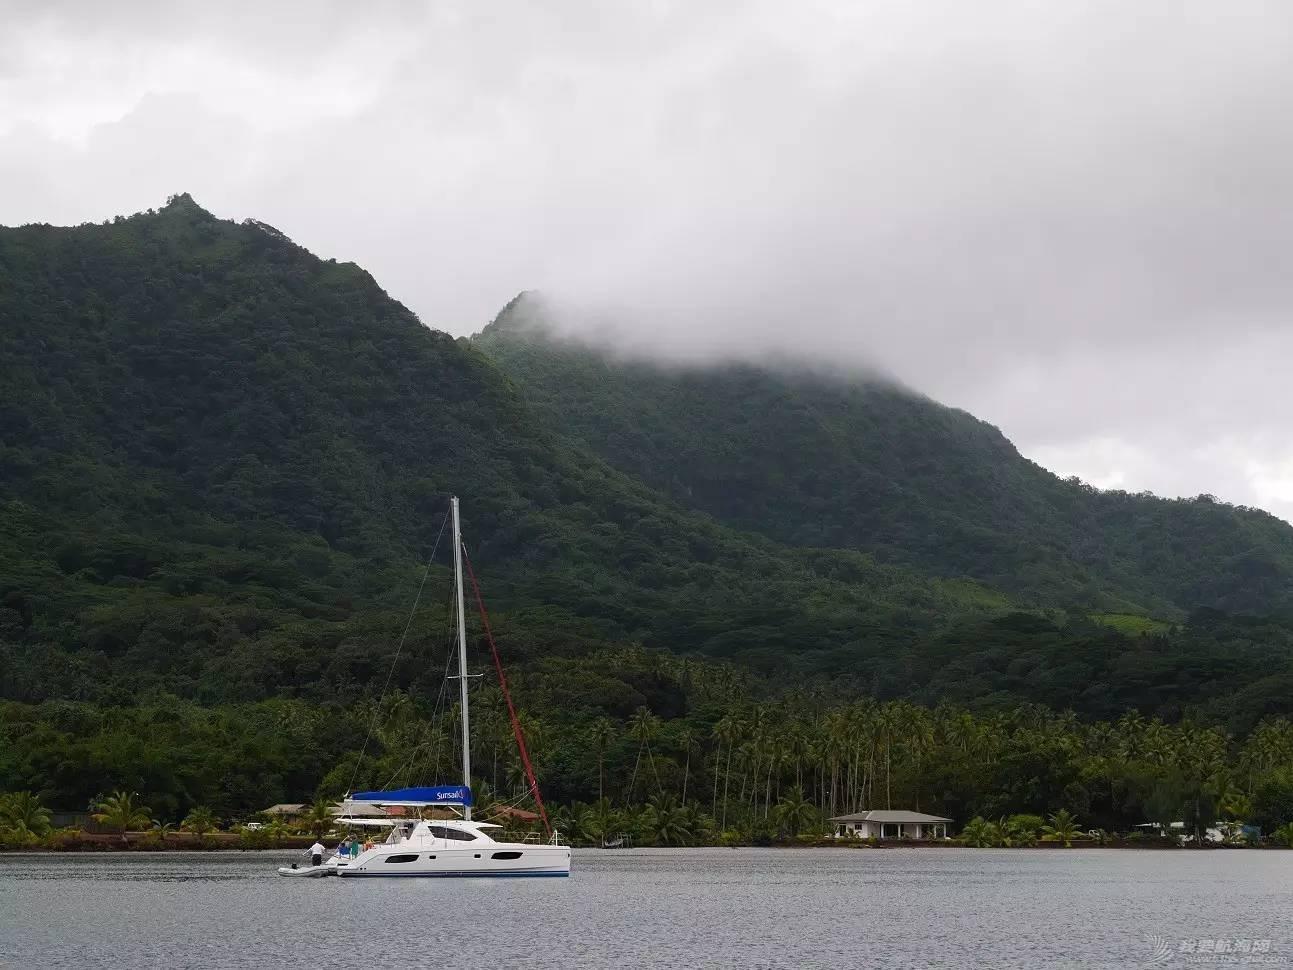 世界很大,开着帆船去看看 bf6a9e3b6fac0391e1aaac3966cfc8bf.jpg